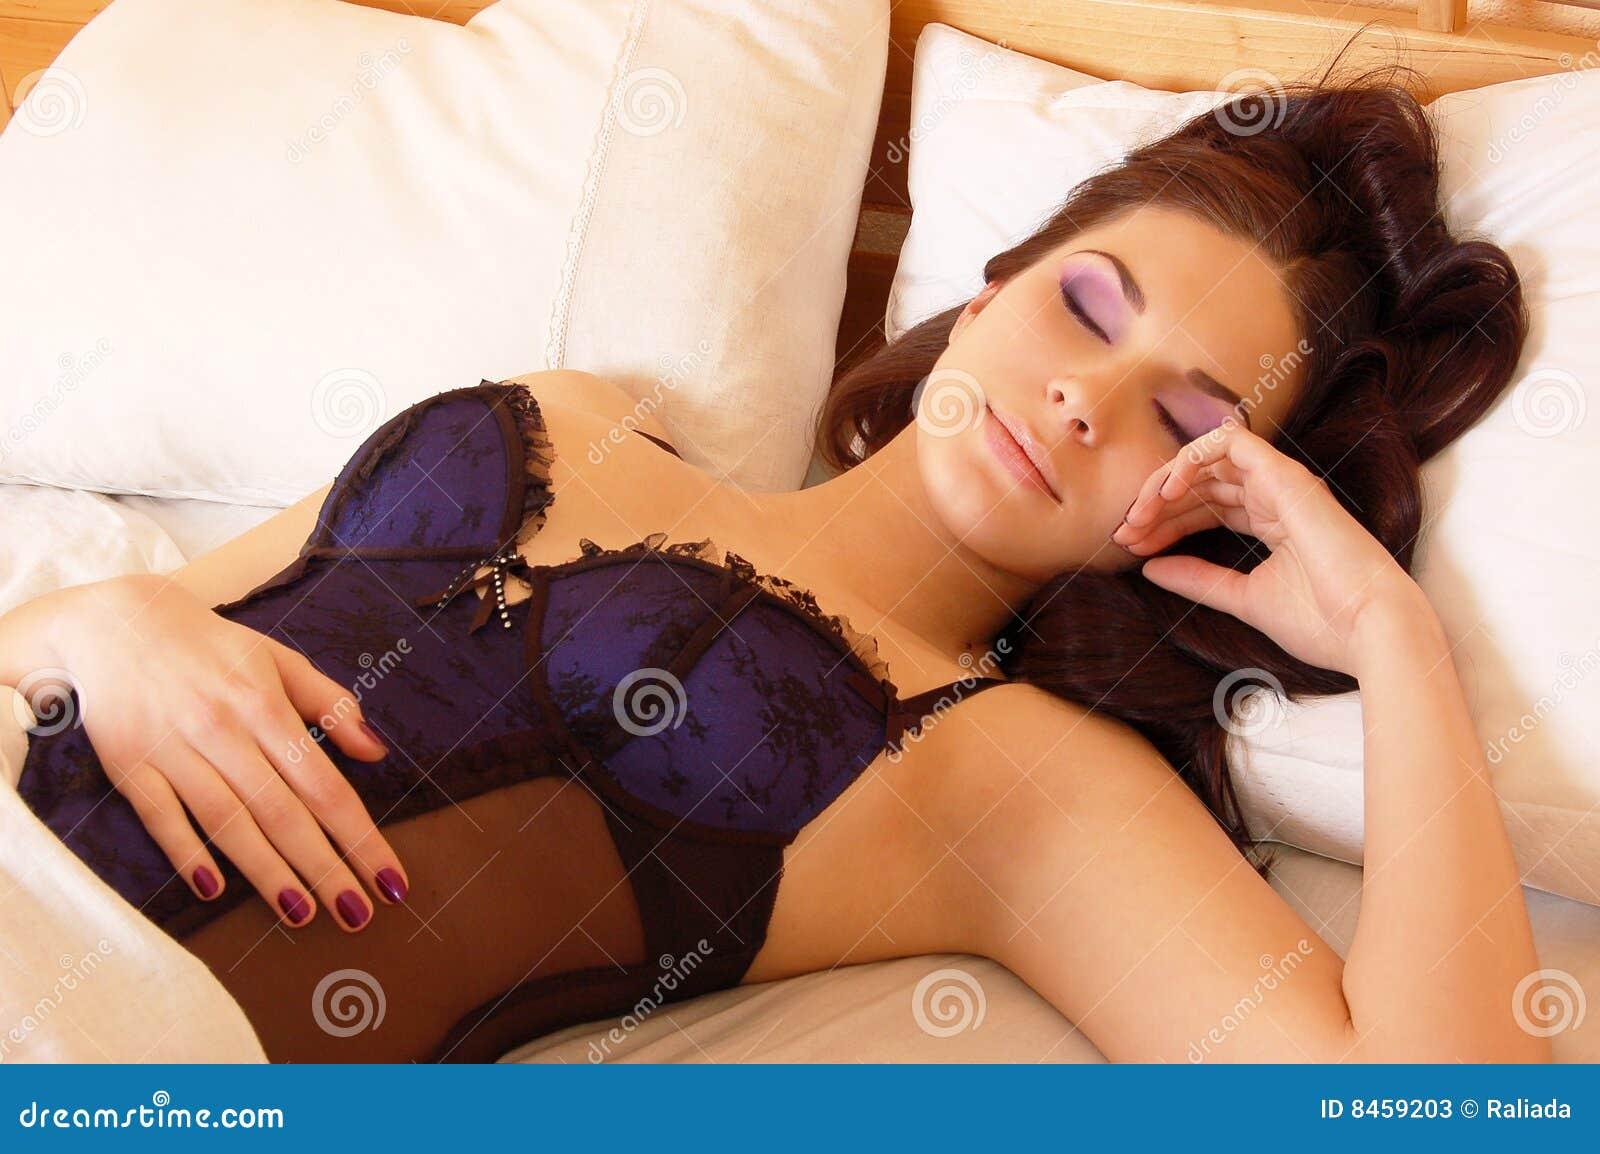 Причины эротических снов 10 фотография